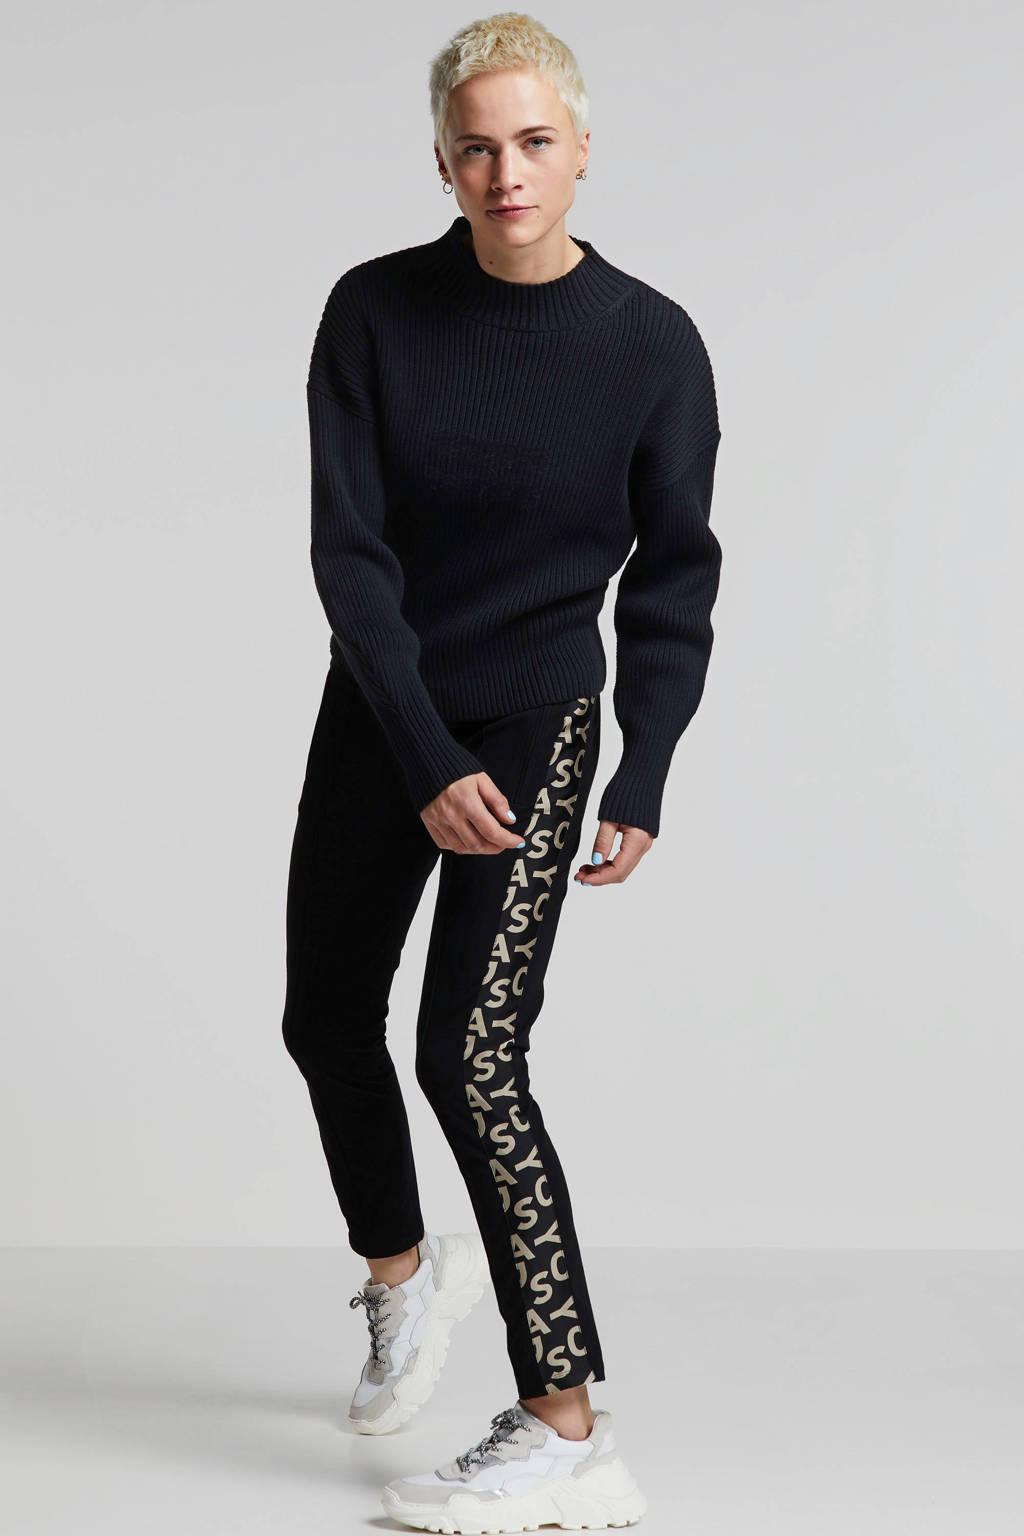 10DAYS regular fit joggingbroek met printopdruk zwart, Zwart